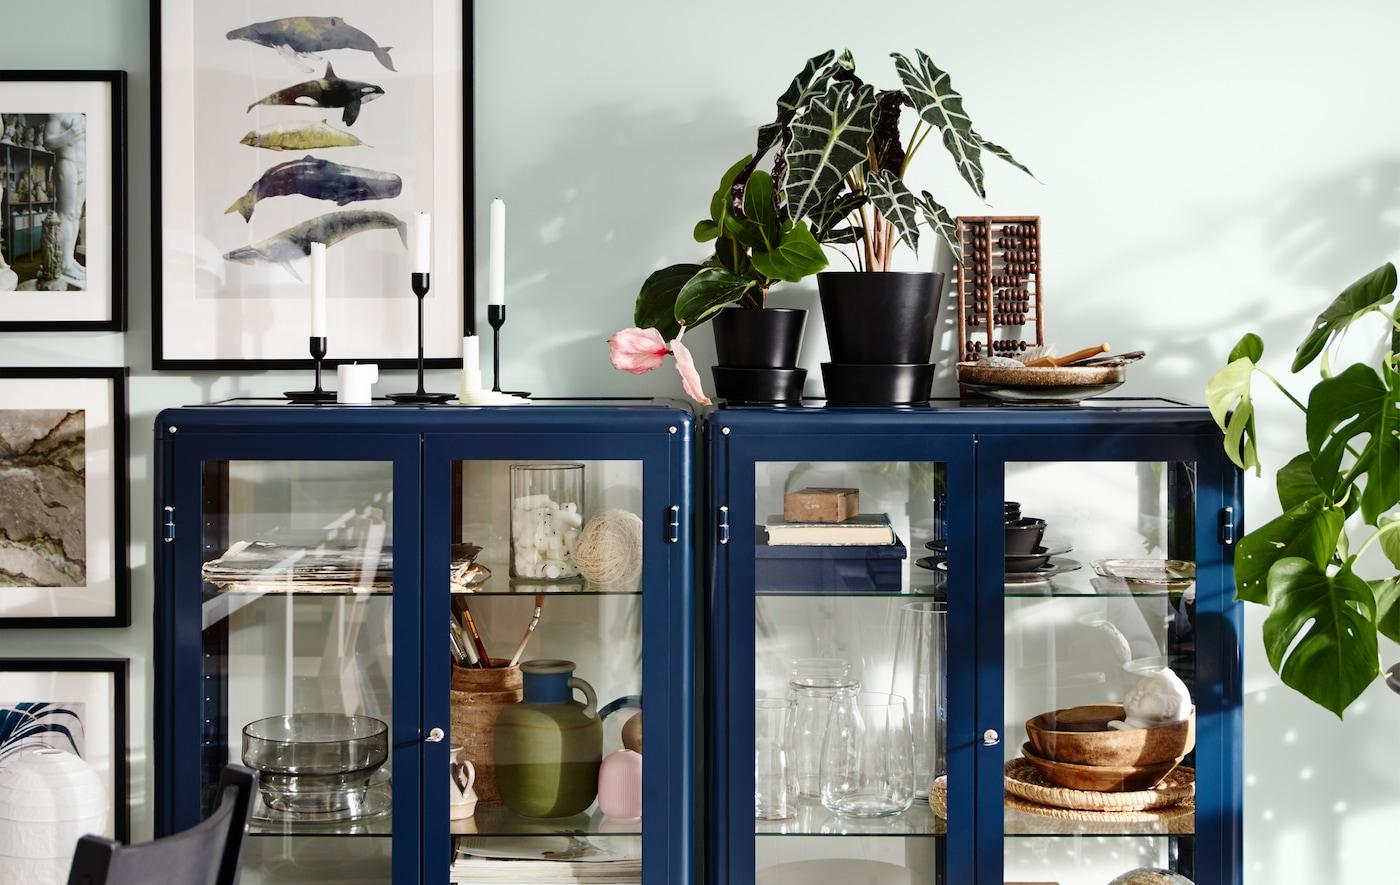 Escolher uma combinação de arrumação aberta e fechada na sala vai ajudá-lo a criar equilíbrio. Exponha as peças que quer mostrar mas também proteger numa vitrina. Na IKEA, encontra uma ampla seleção de vitrinas, como a vitrina FABRIKÖR, em azul.